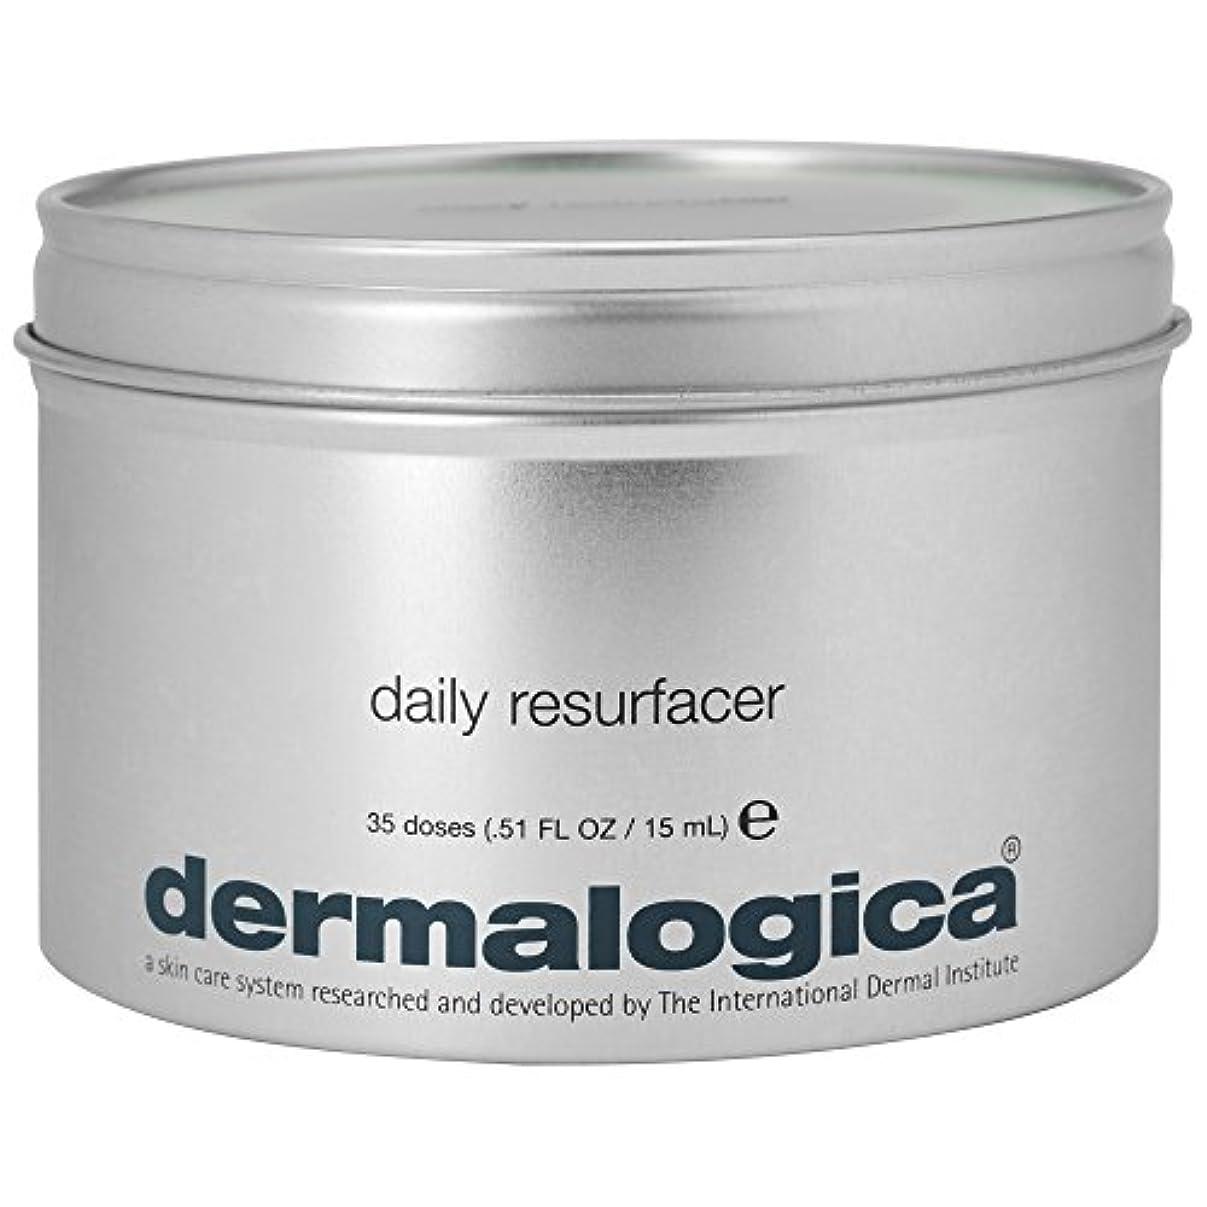 コミットパラメータわずかな35のダーマロジカ毎日Resurfacerパック (Dermalogica) (x2) - Dermalogica Daily Resurfacer Pack of 35 (Pack of 2) [並行輸入品]